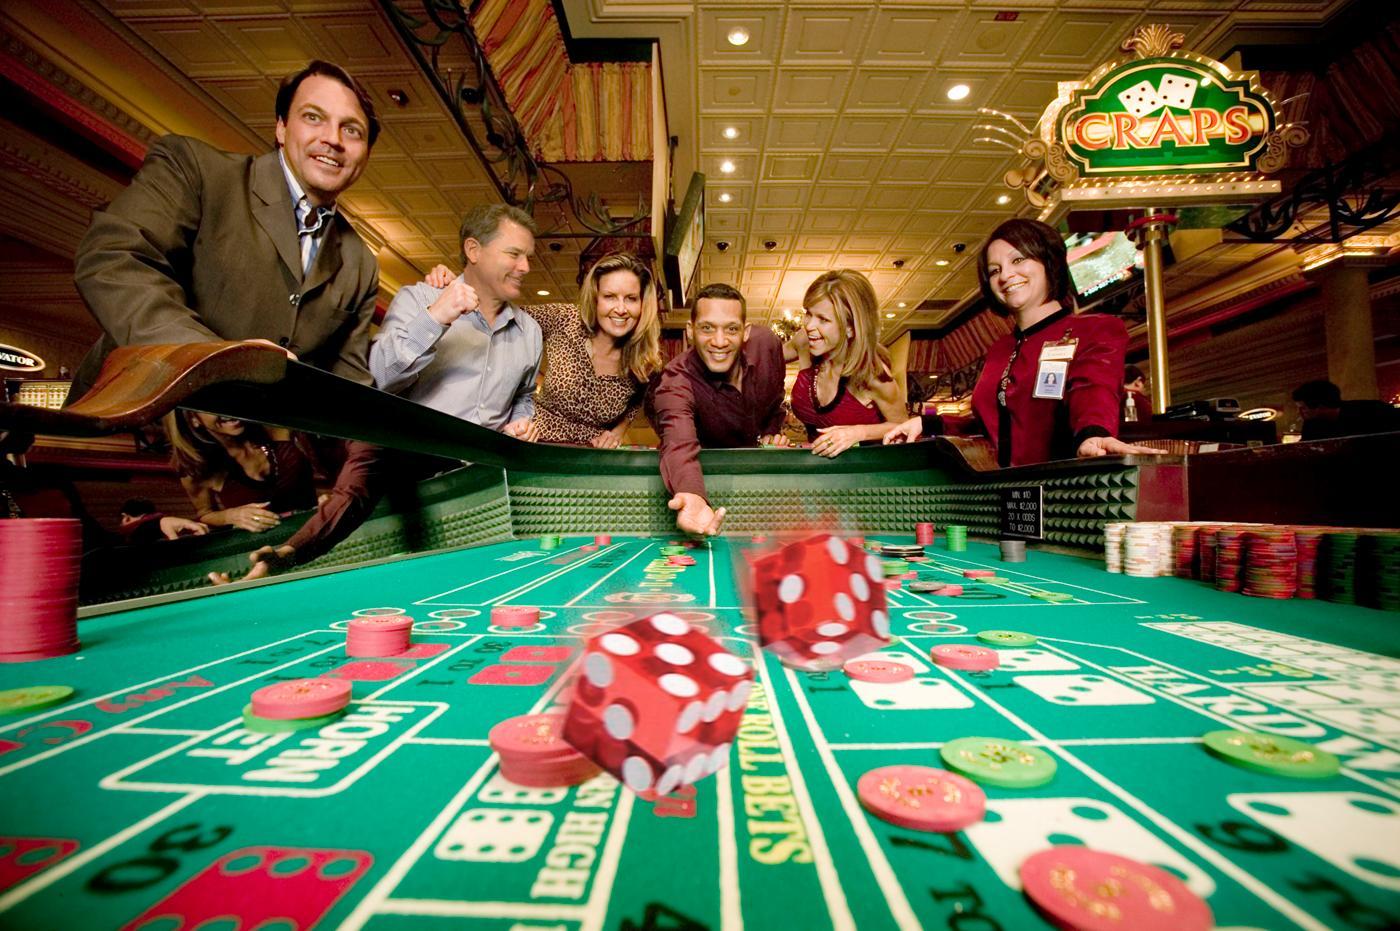 Jeux casinoen ligne: un loisir qui rapporte